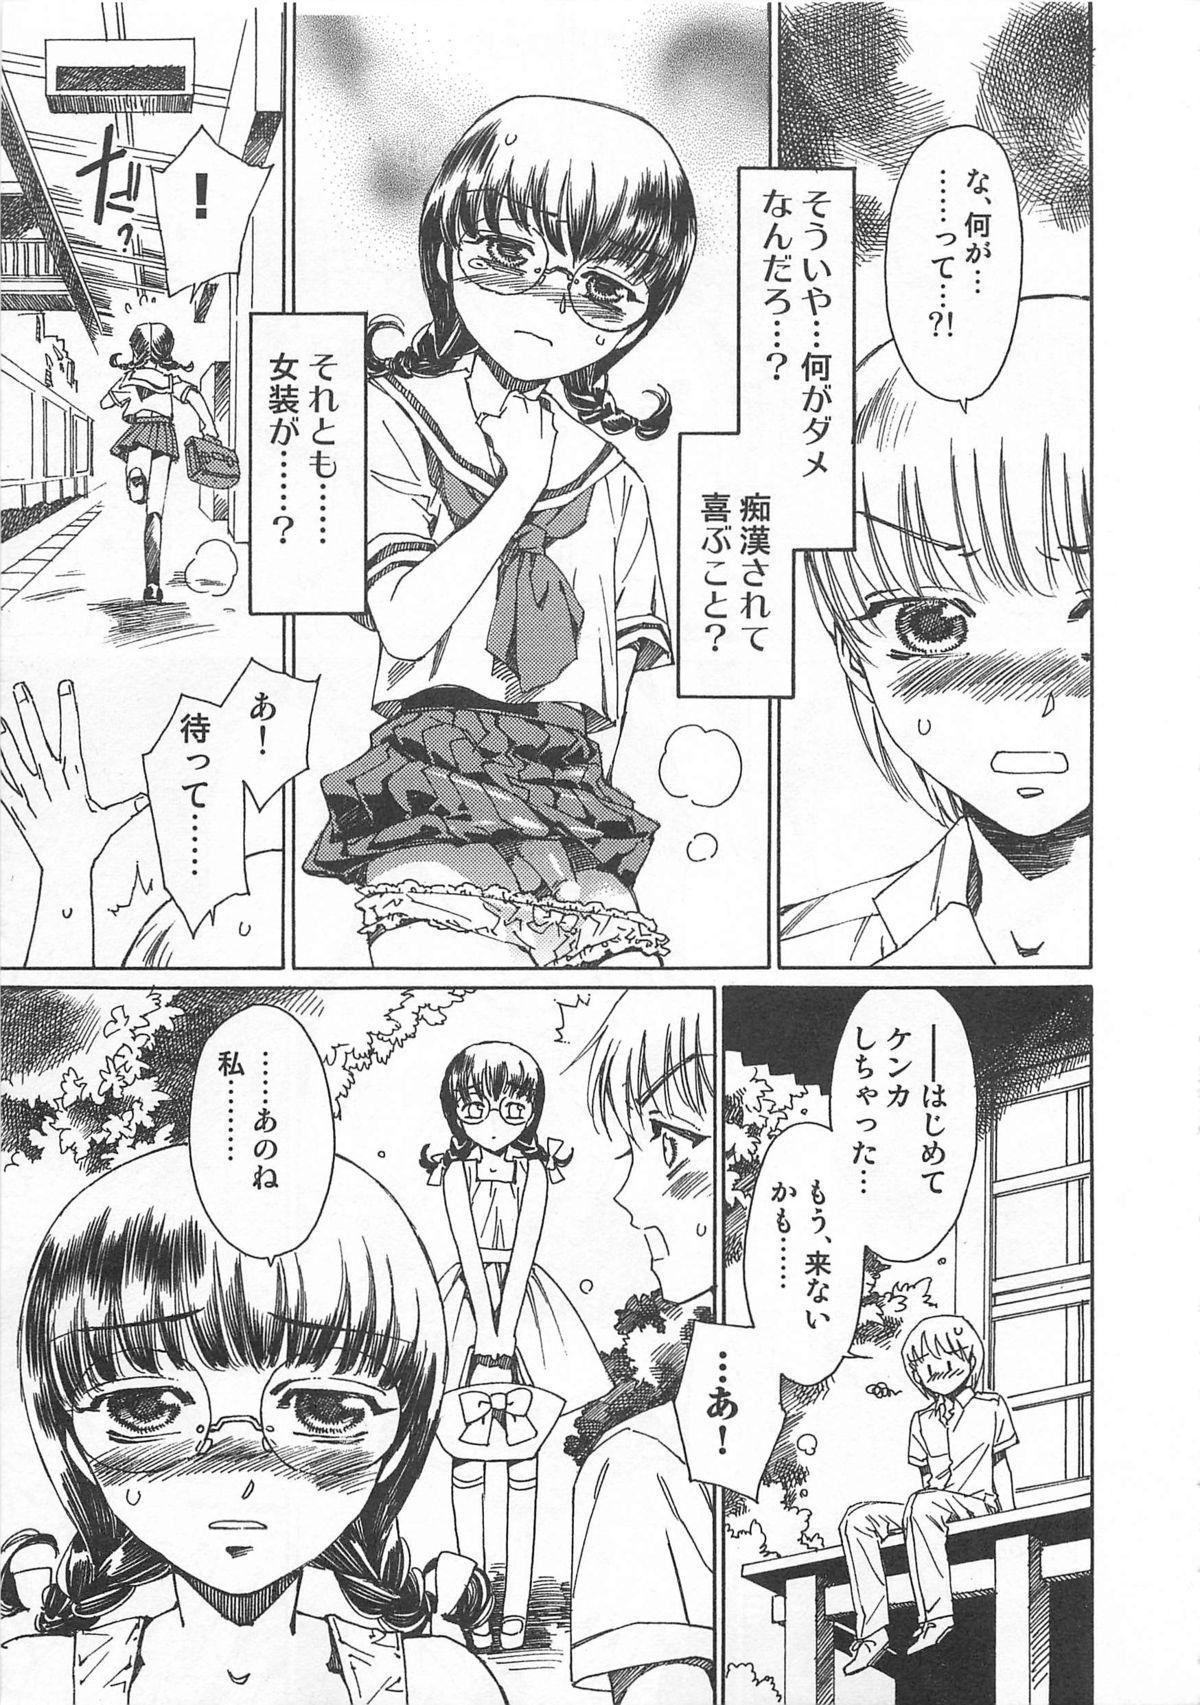 Otokonoko HEAVEN Vol. 01 Meganekko 37